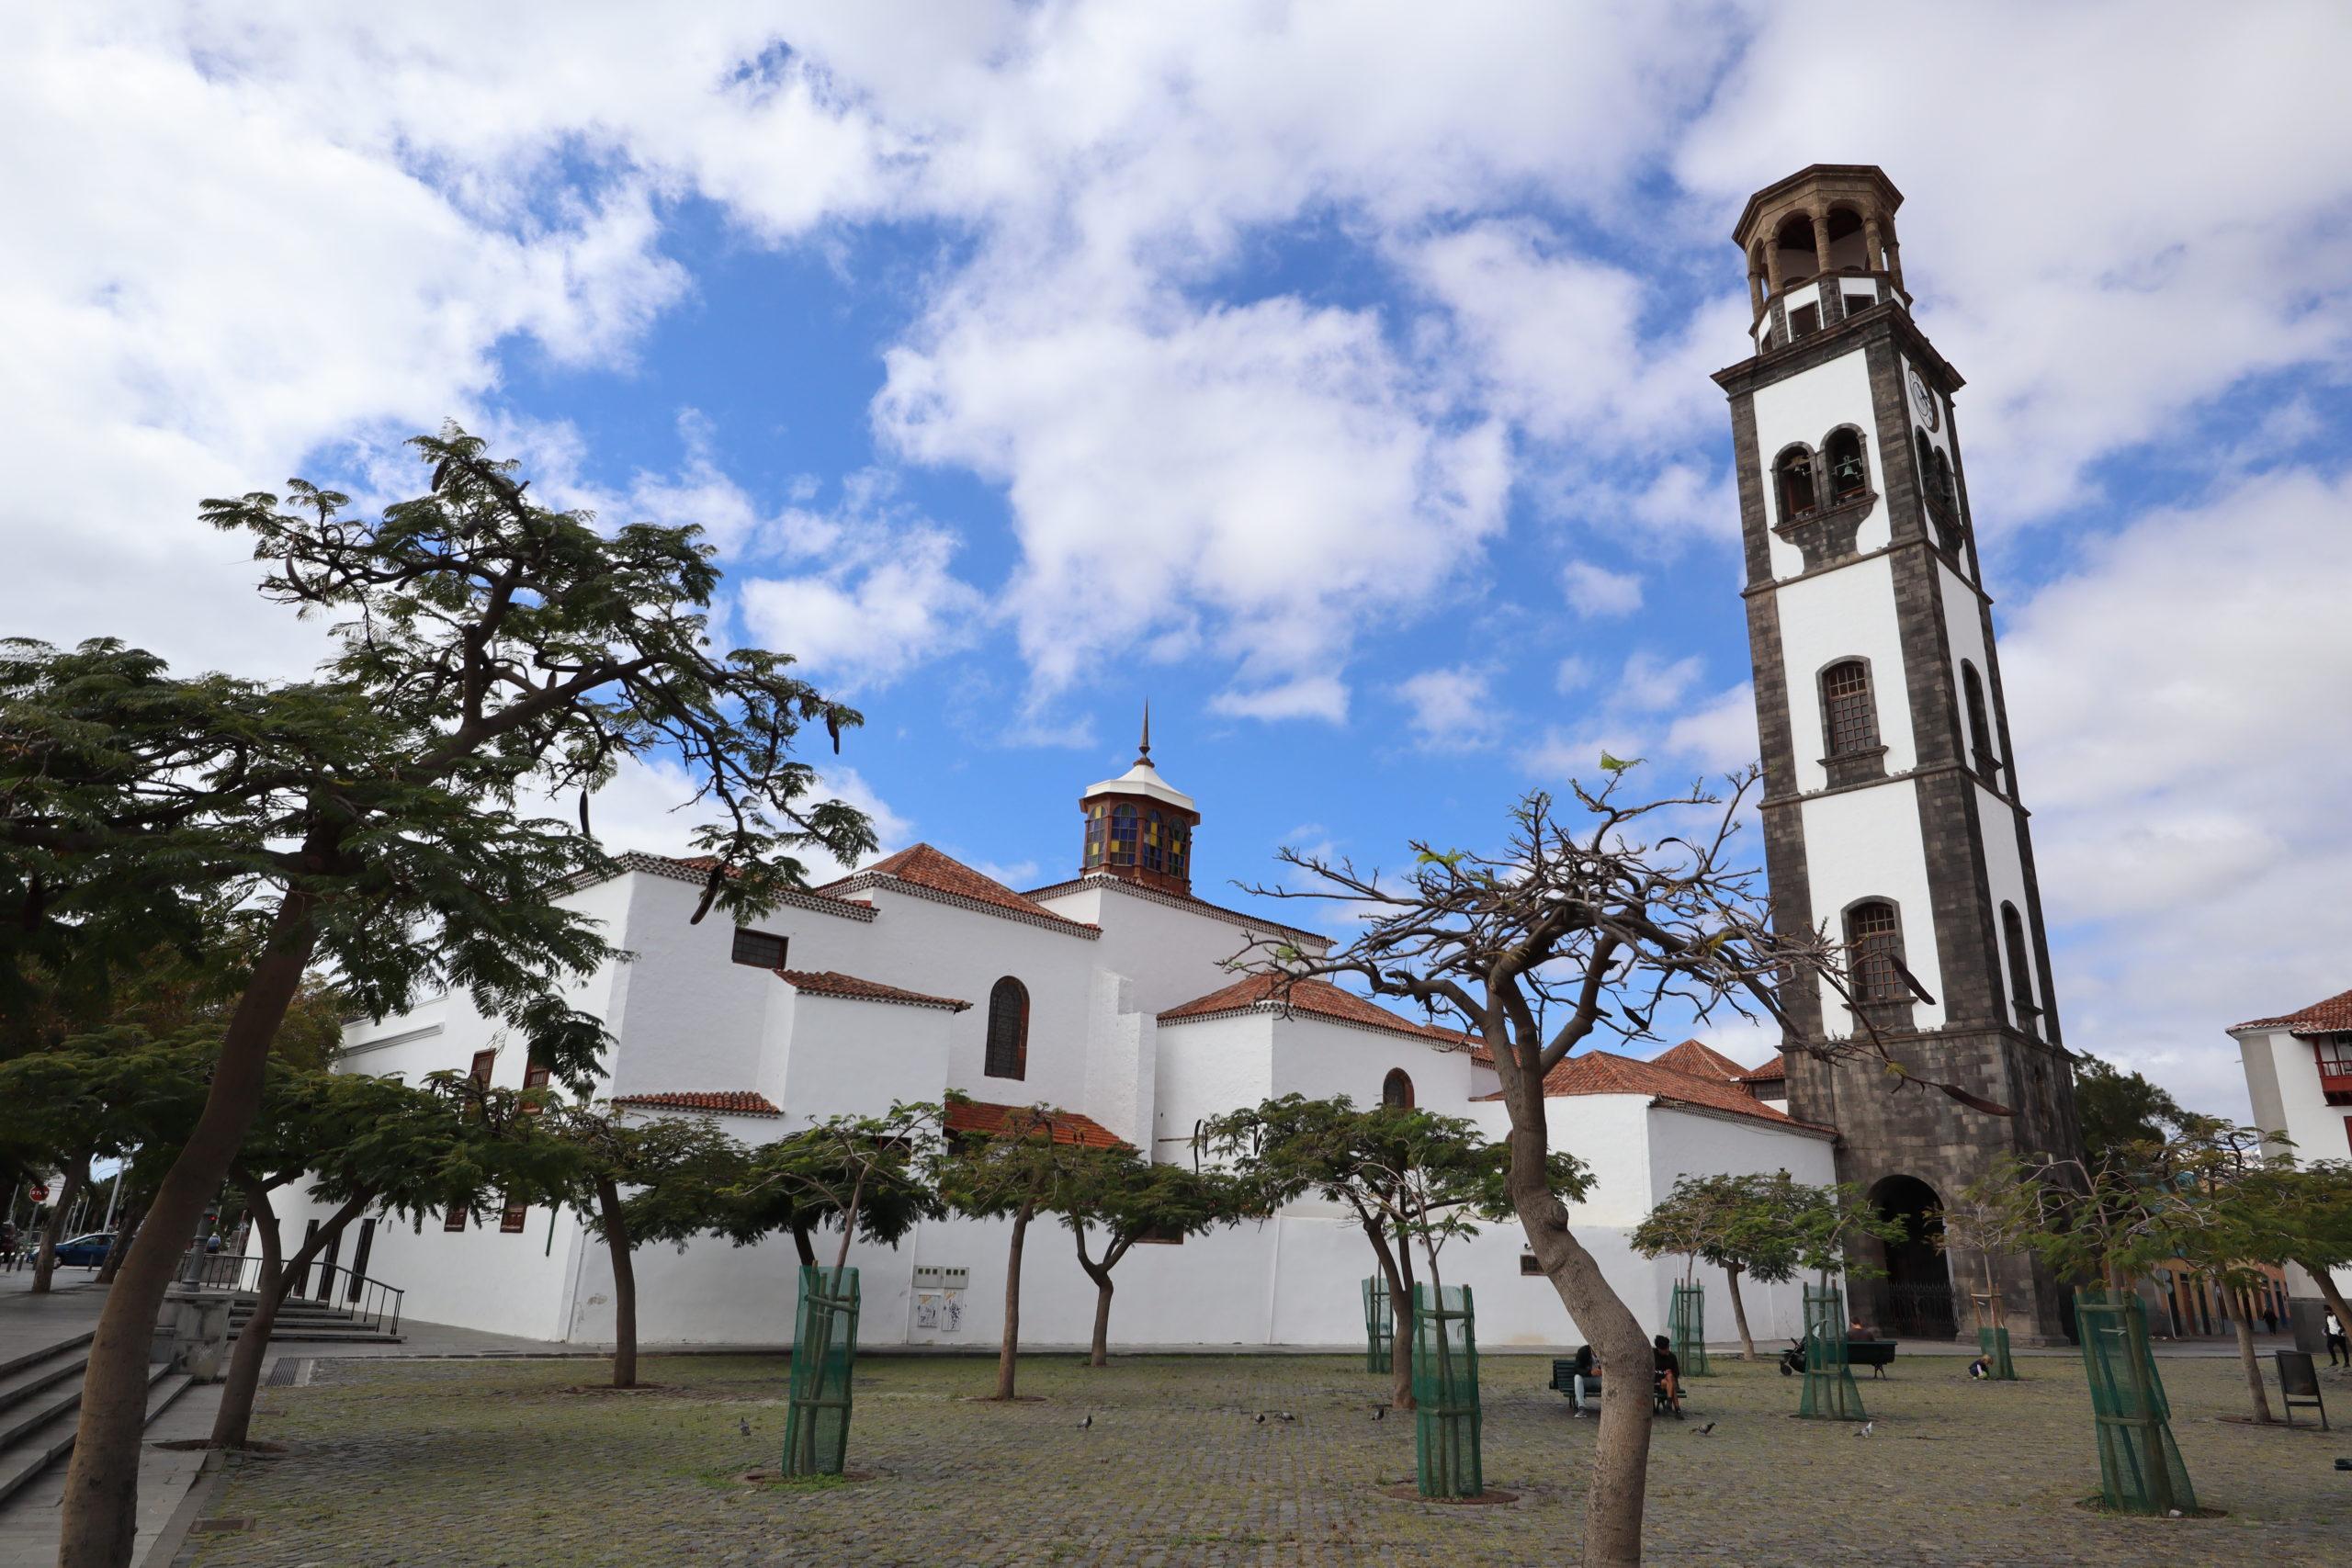 iglesia-santa-cruz-de-tenerife